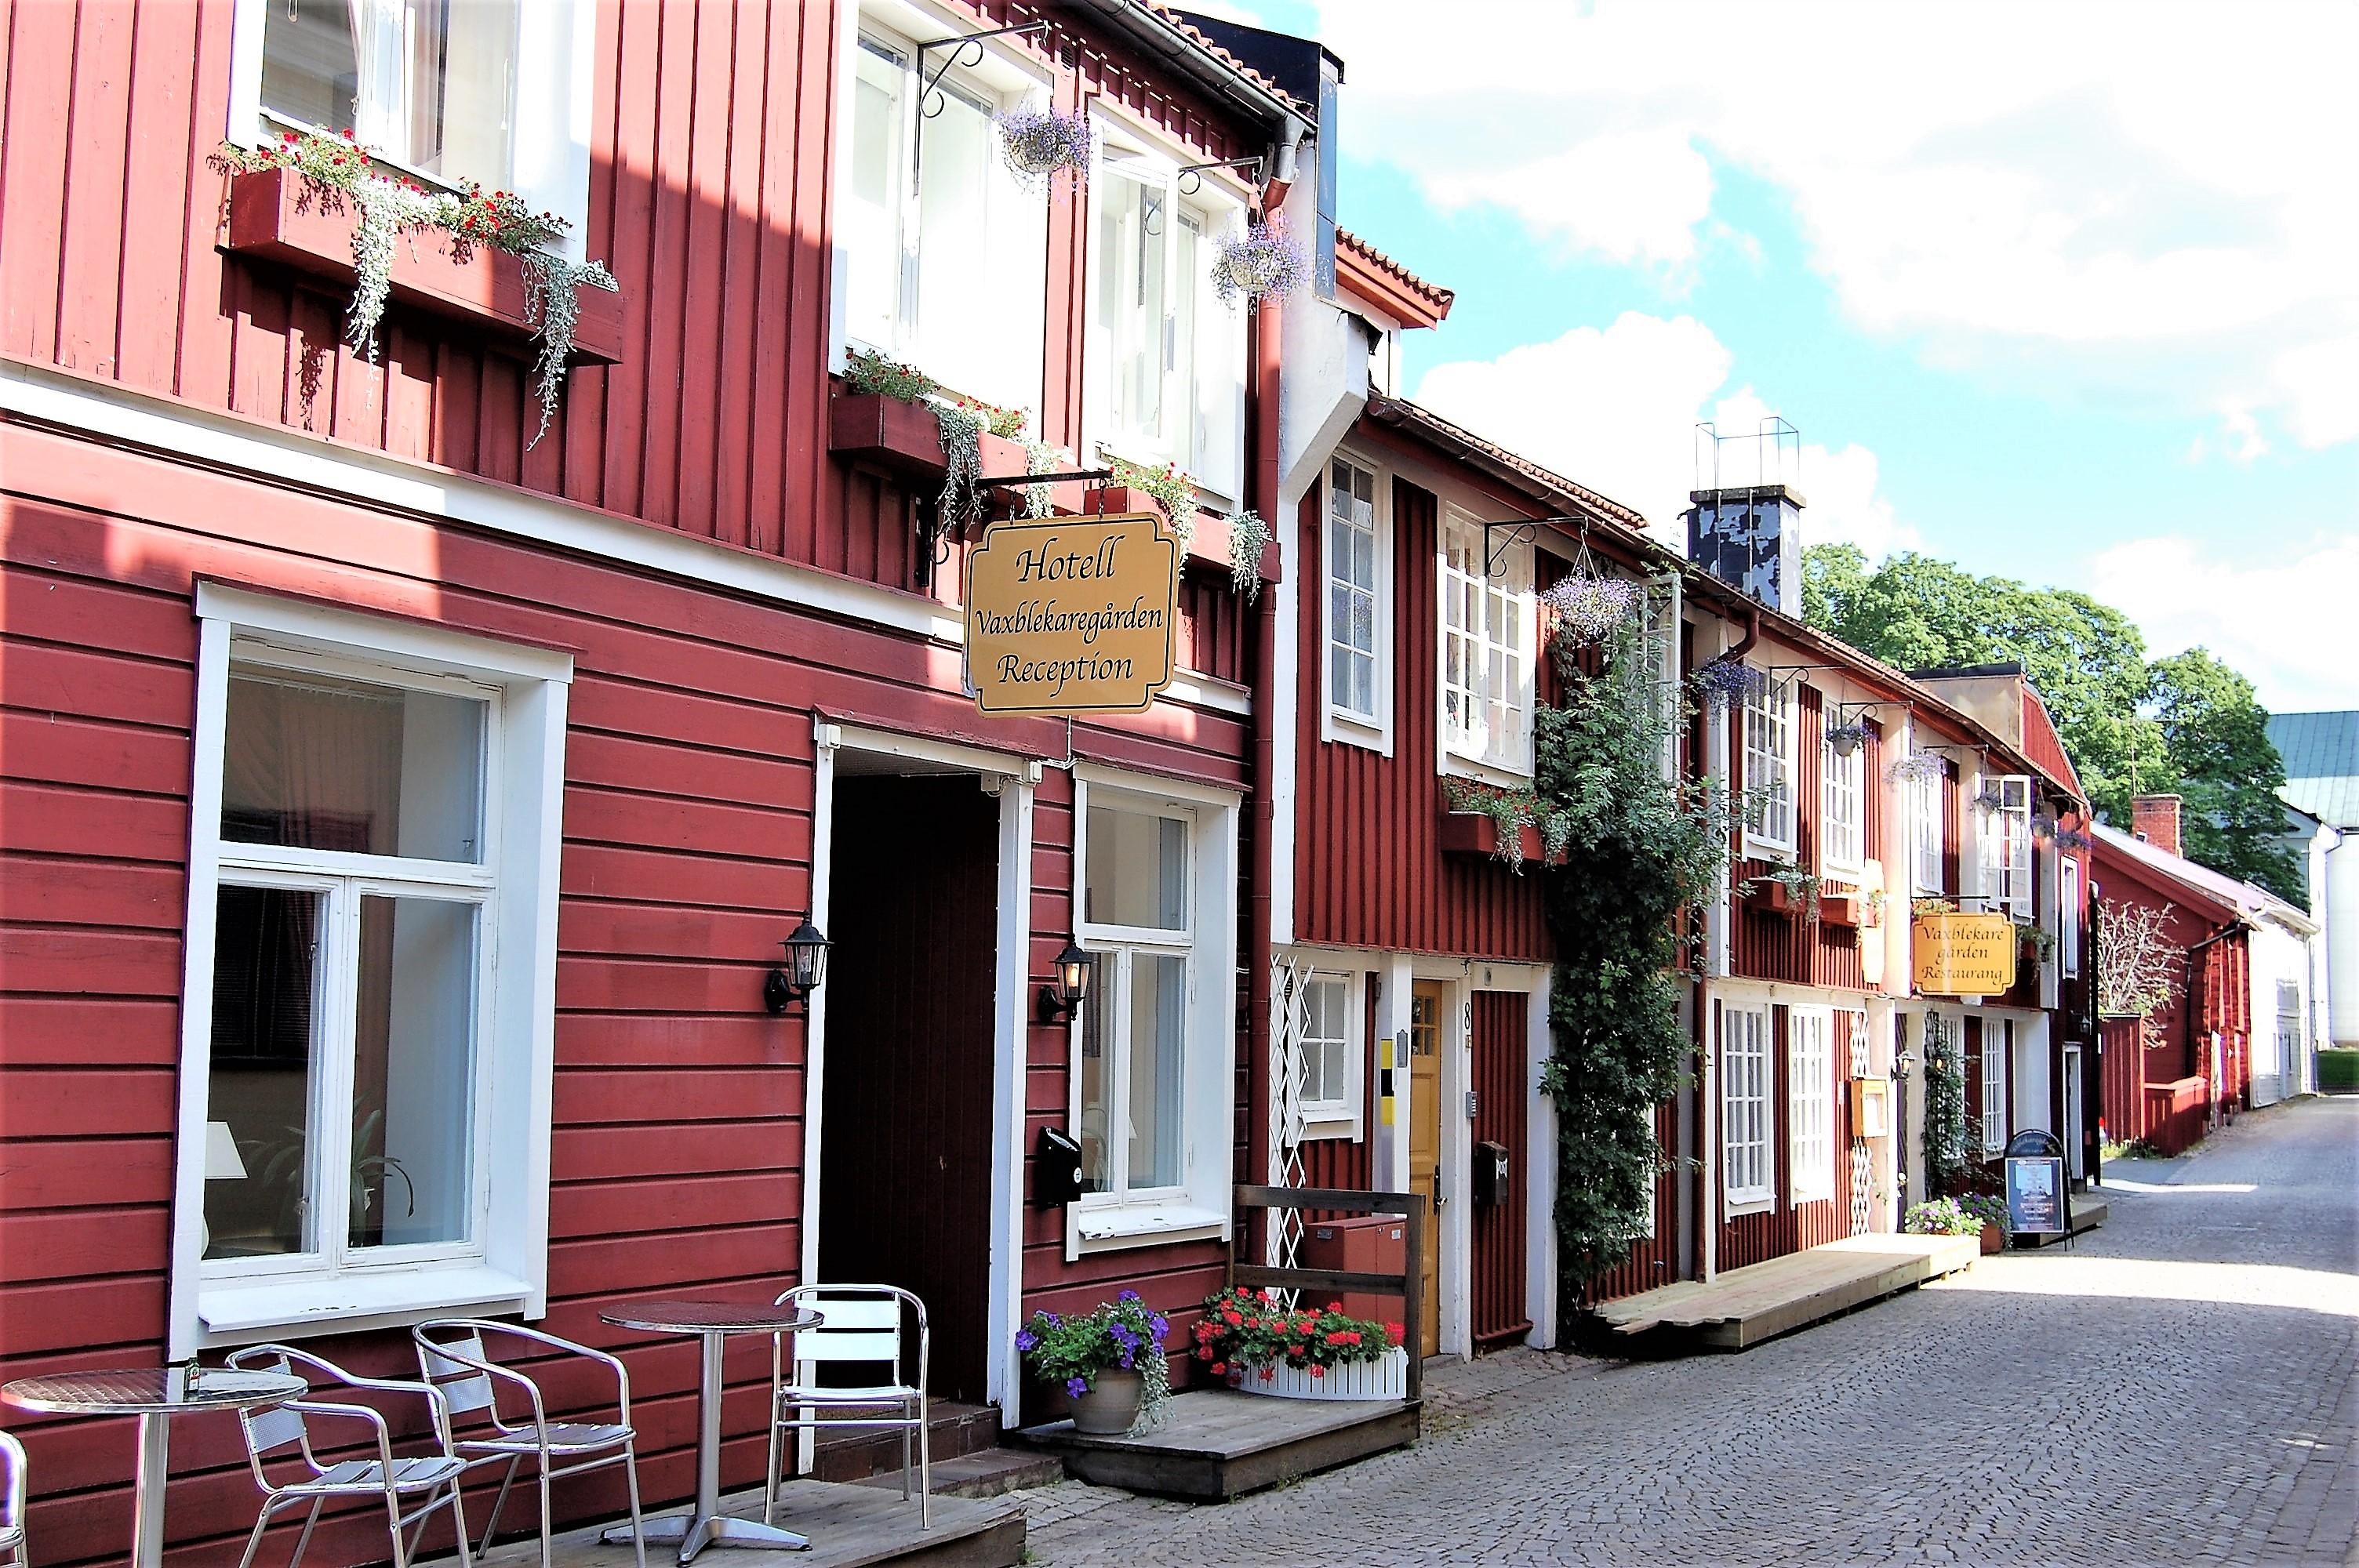 Eksjö houten binnenstad.JPG